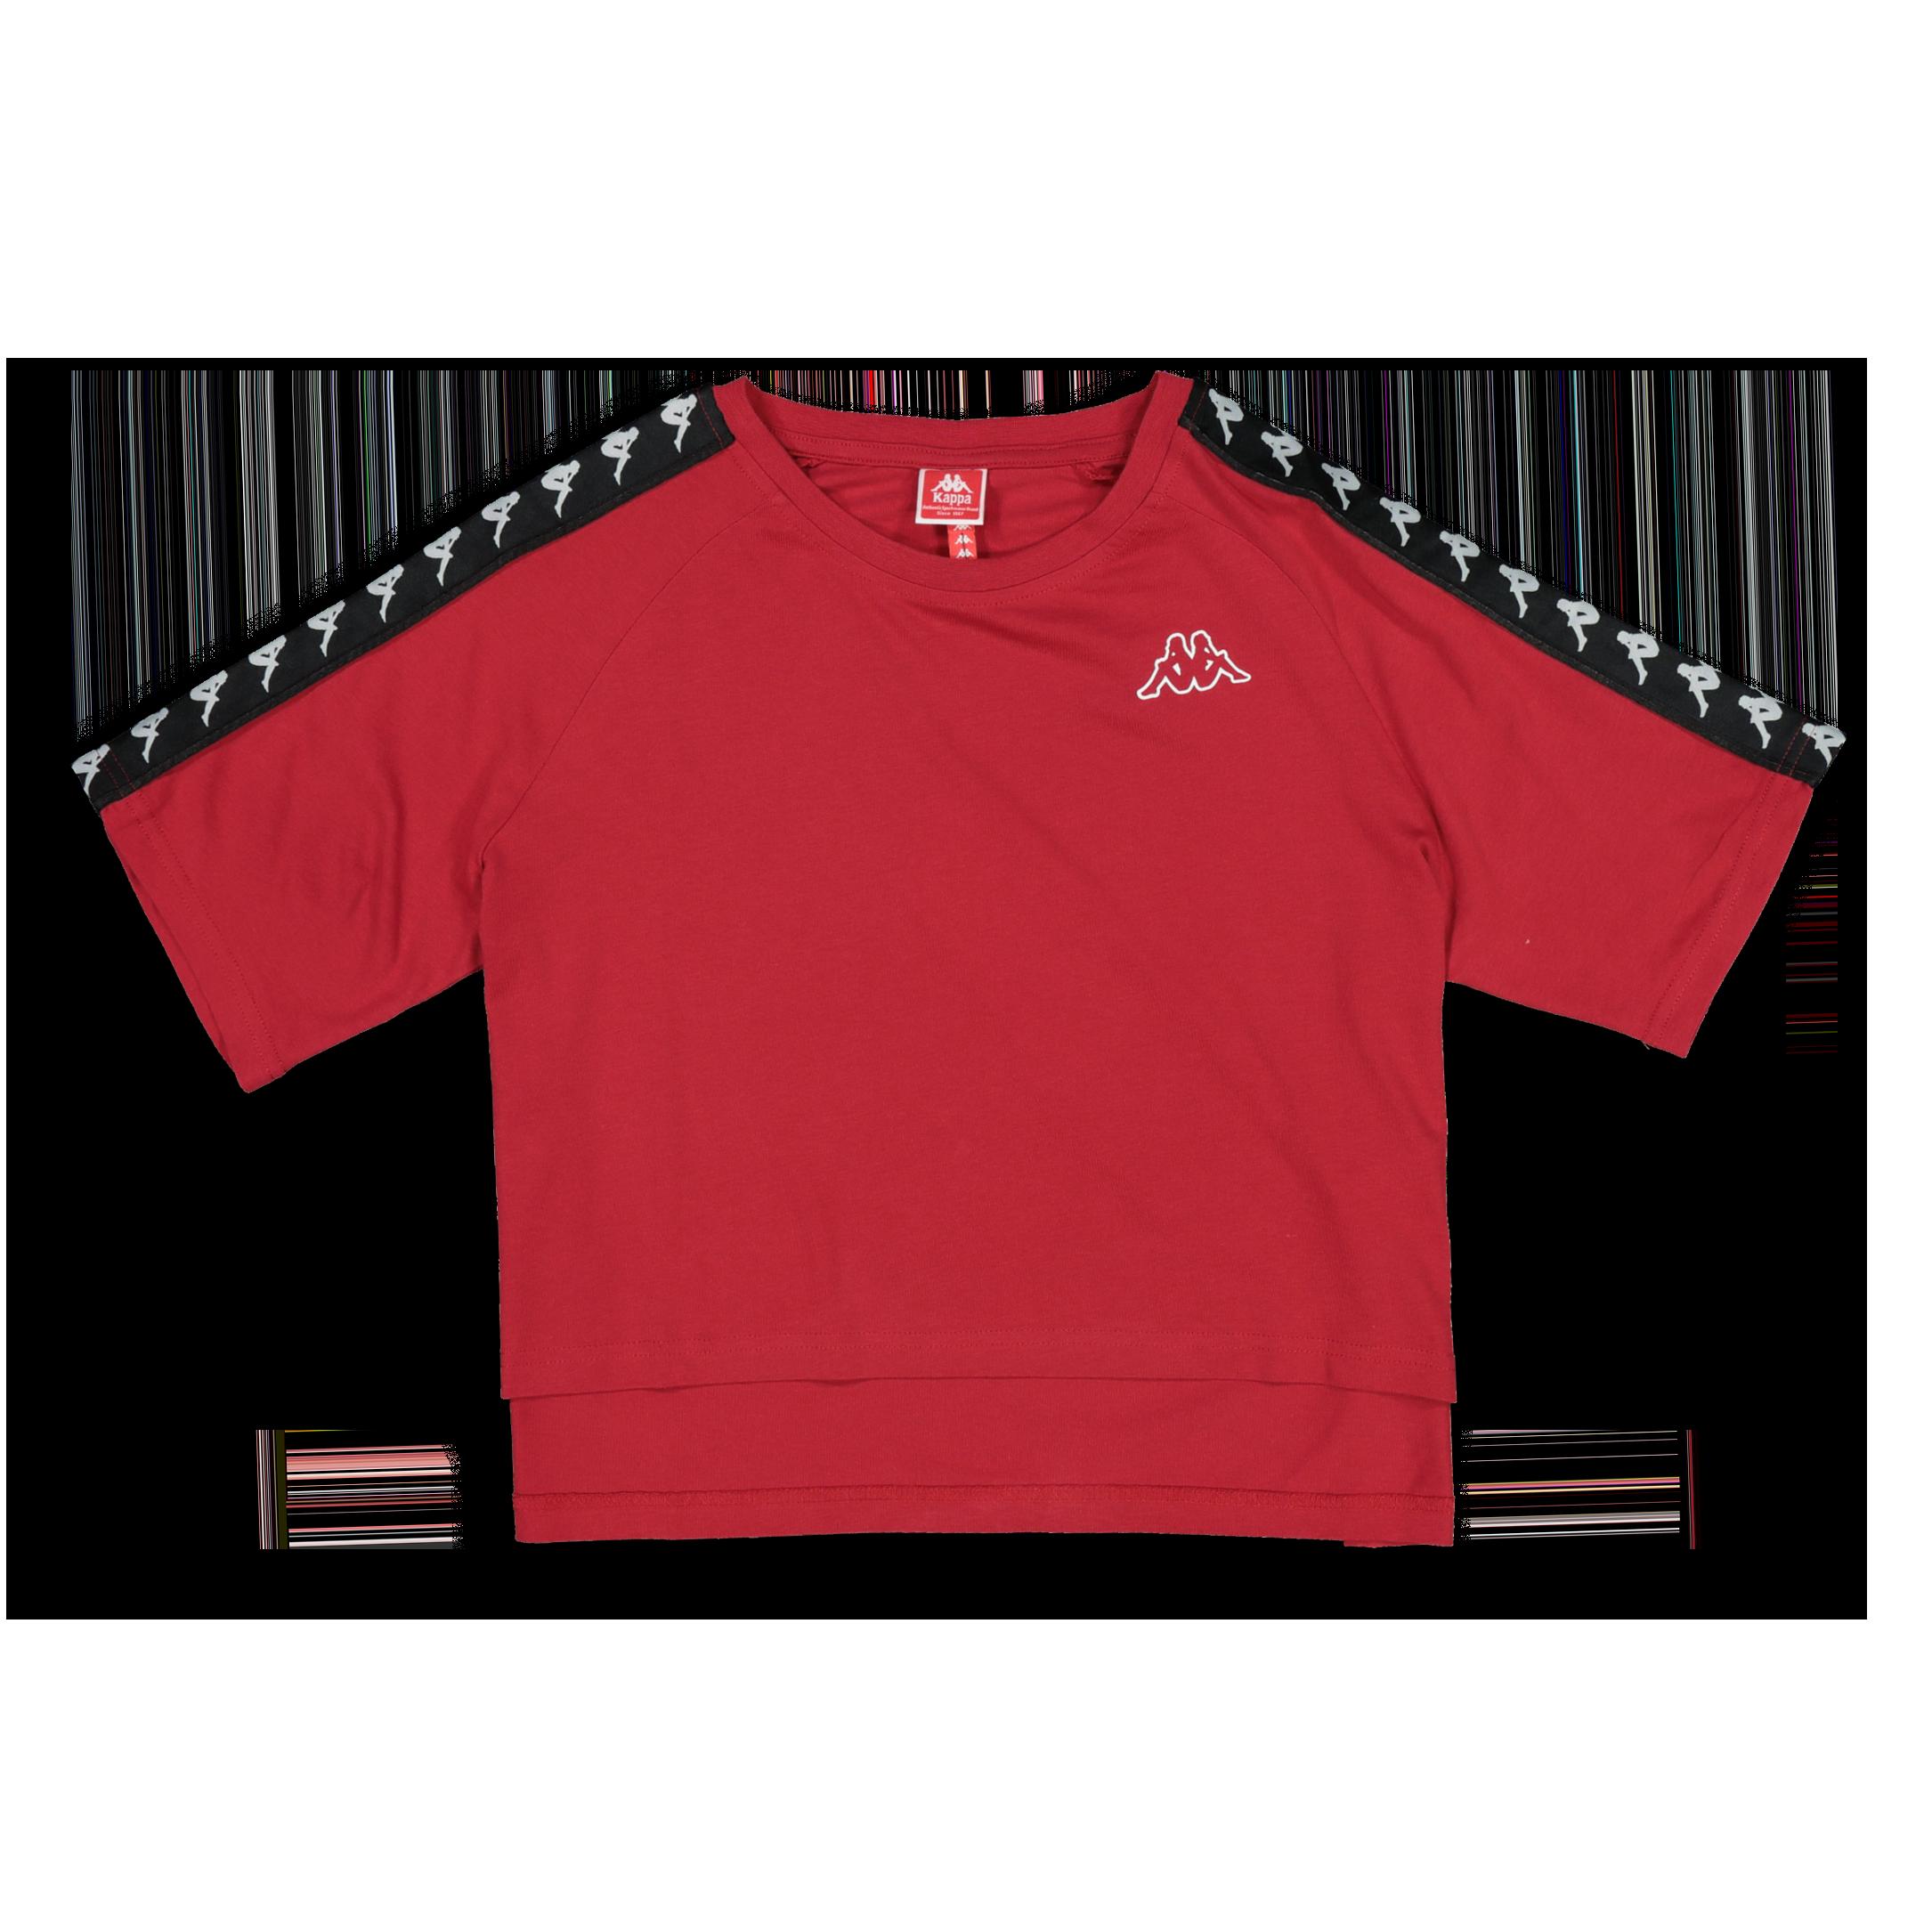 Laser 2015 USA Nationals T-Shirt